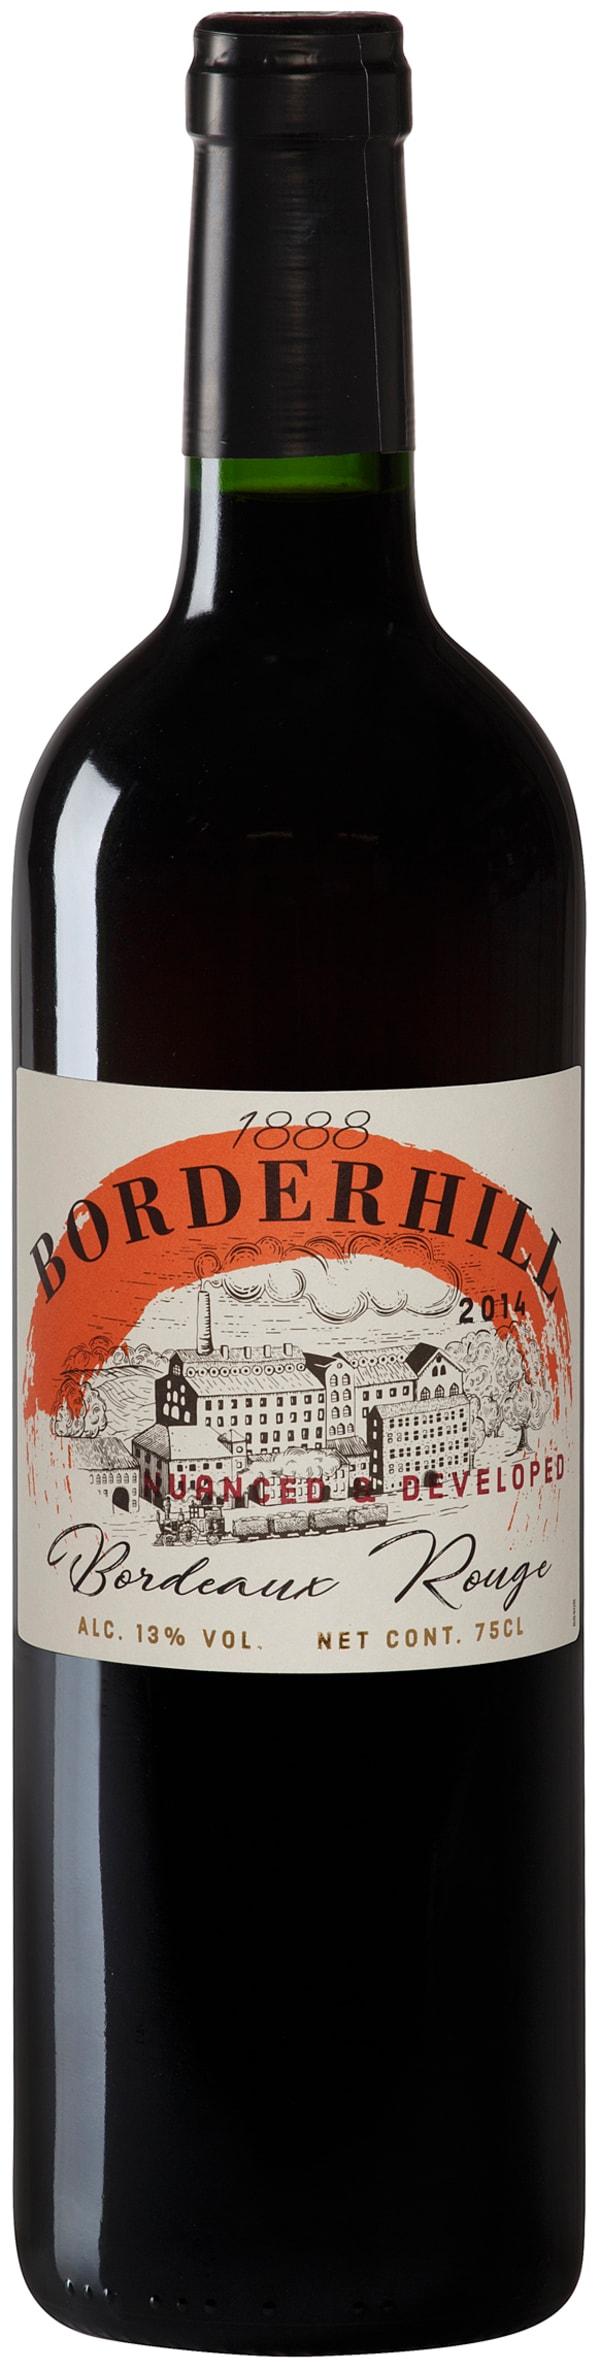 1888 Borderhill Bordeaux Rouge 2014